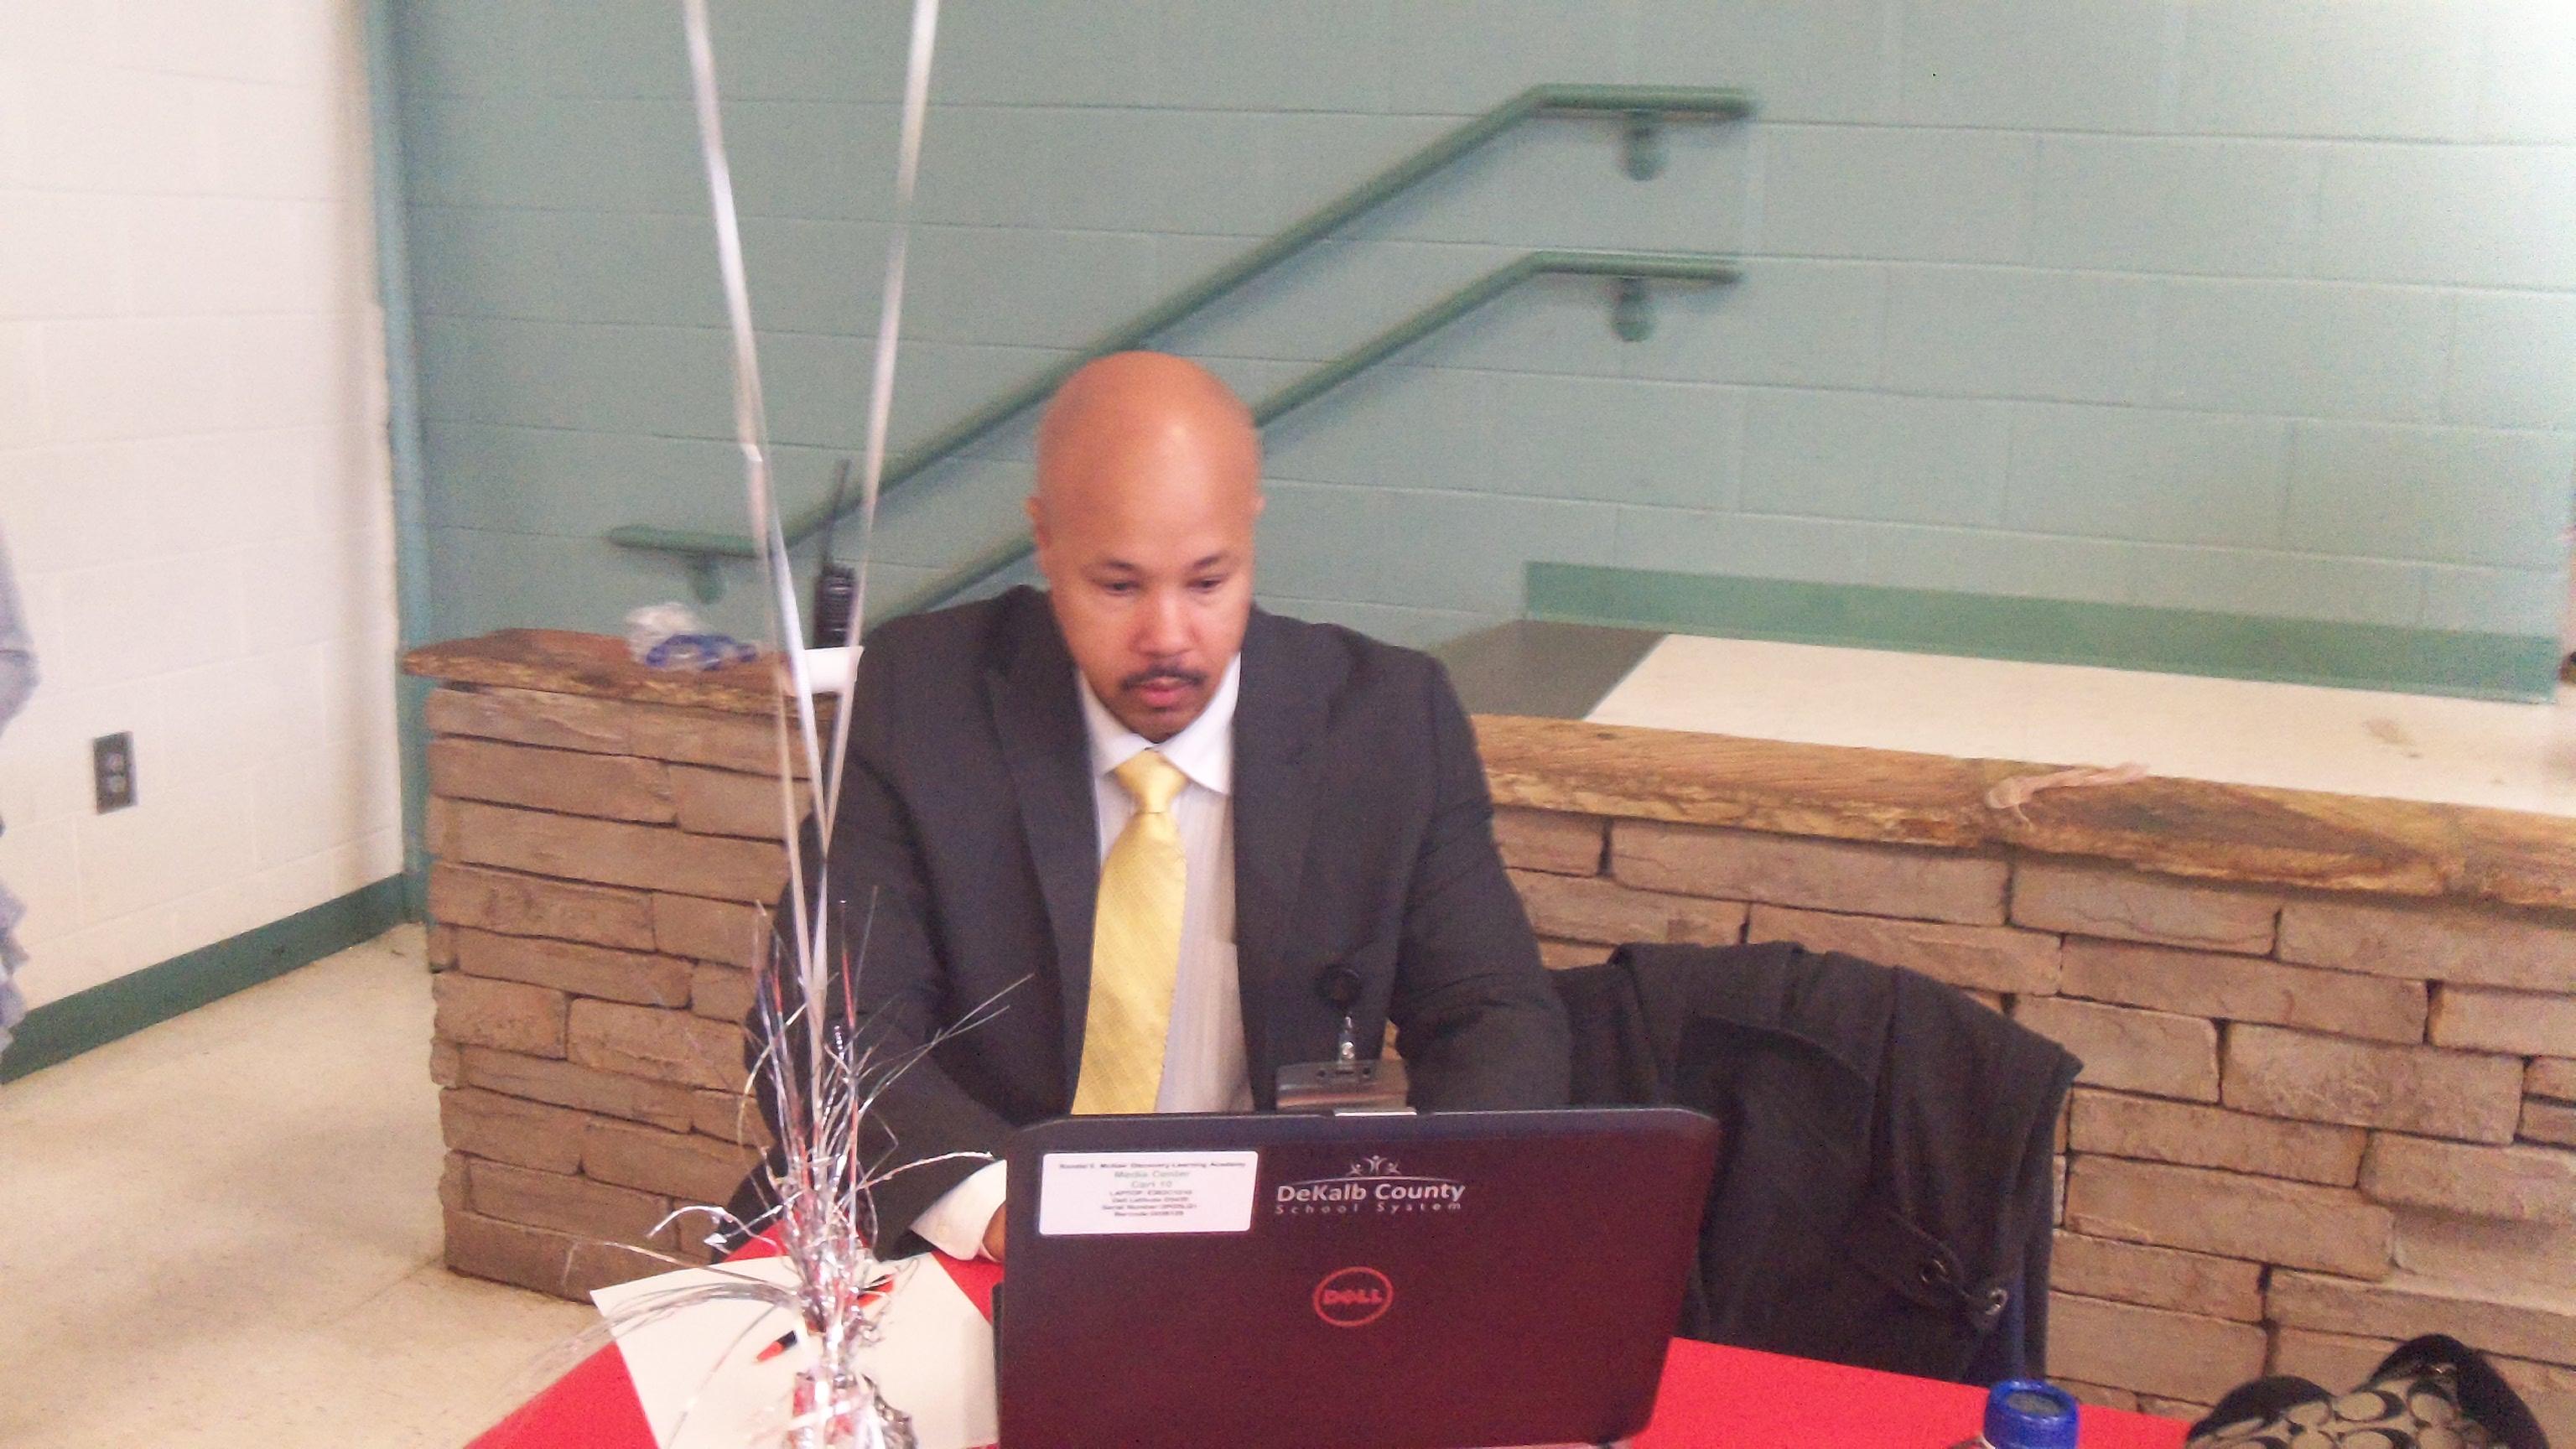 Principal Bolden blogging